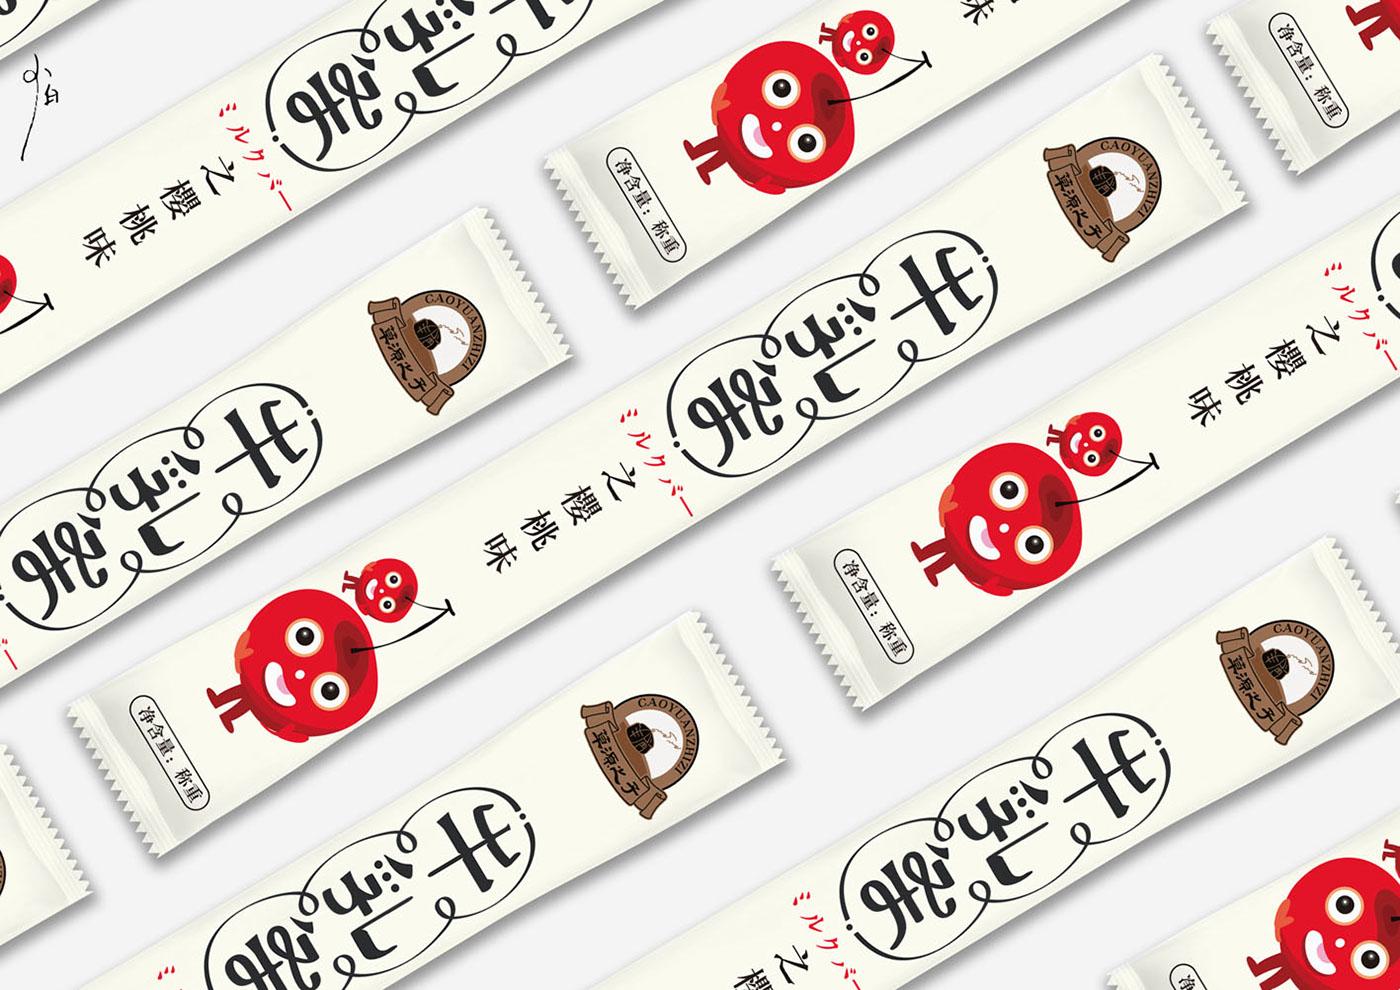 产品包装设计 -60893440127709.577331a99cb65